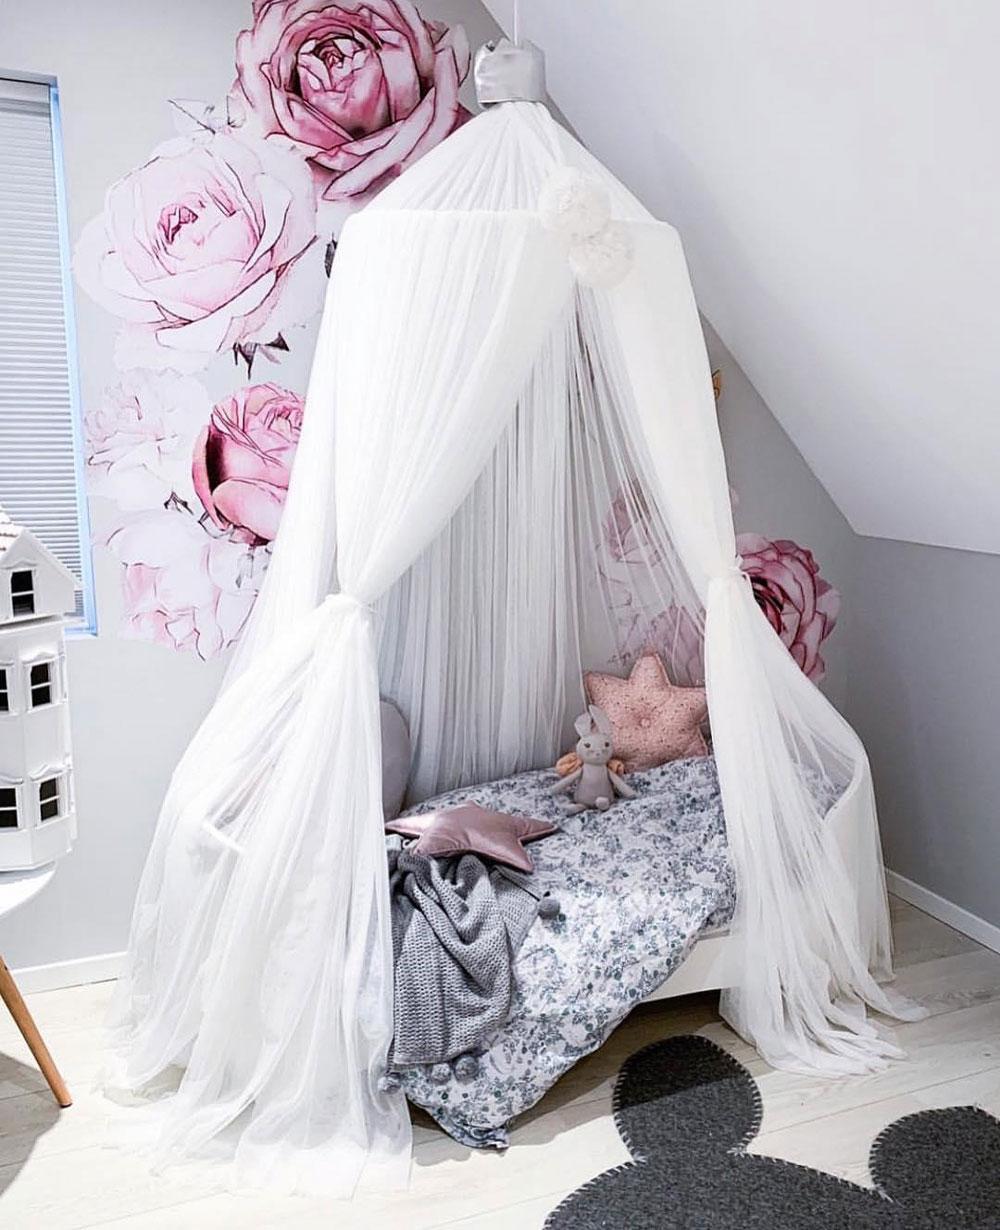 Спальное место для ребенка - выбираем и оформляем правильно - 2